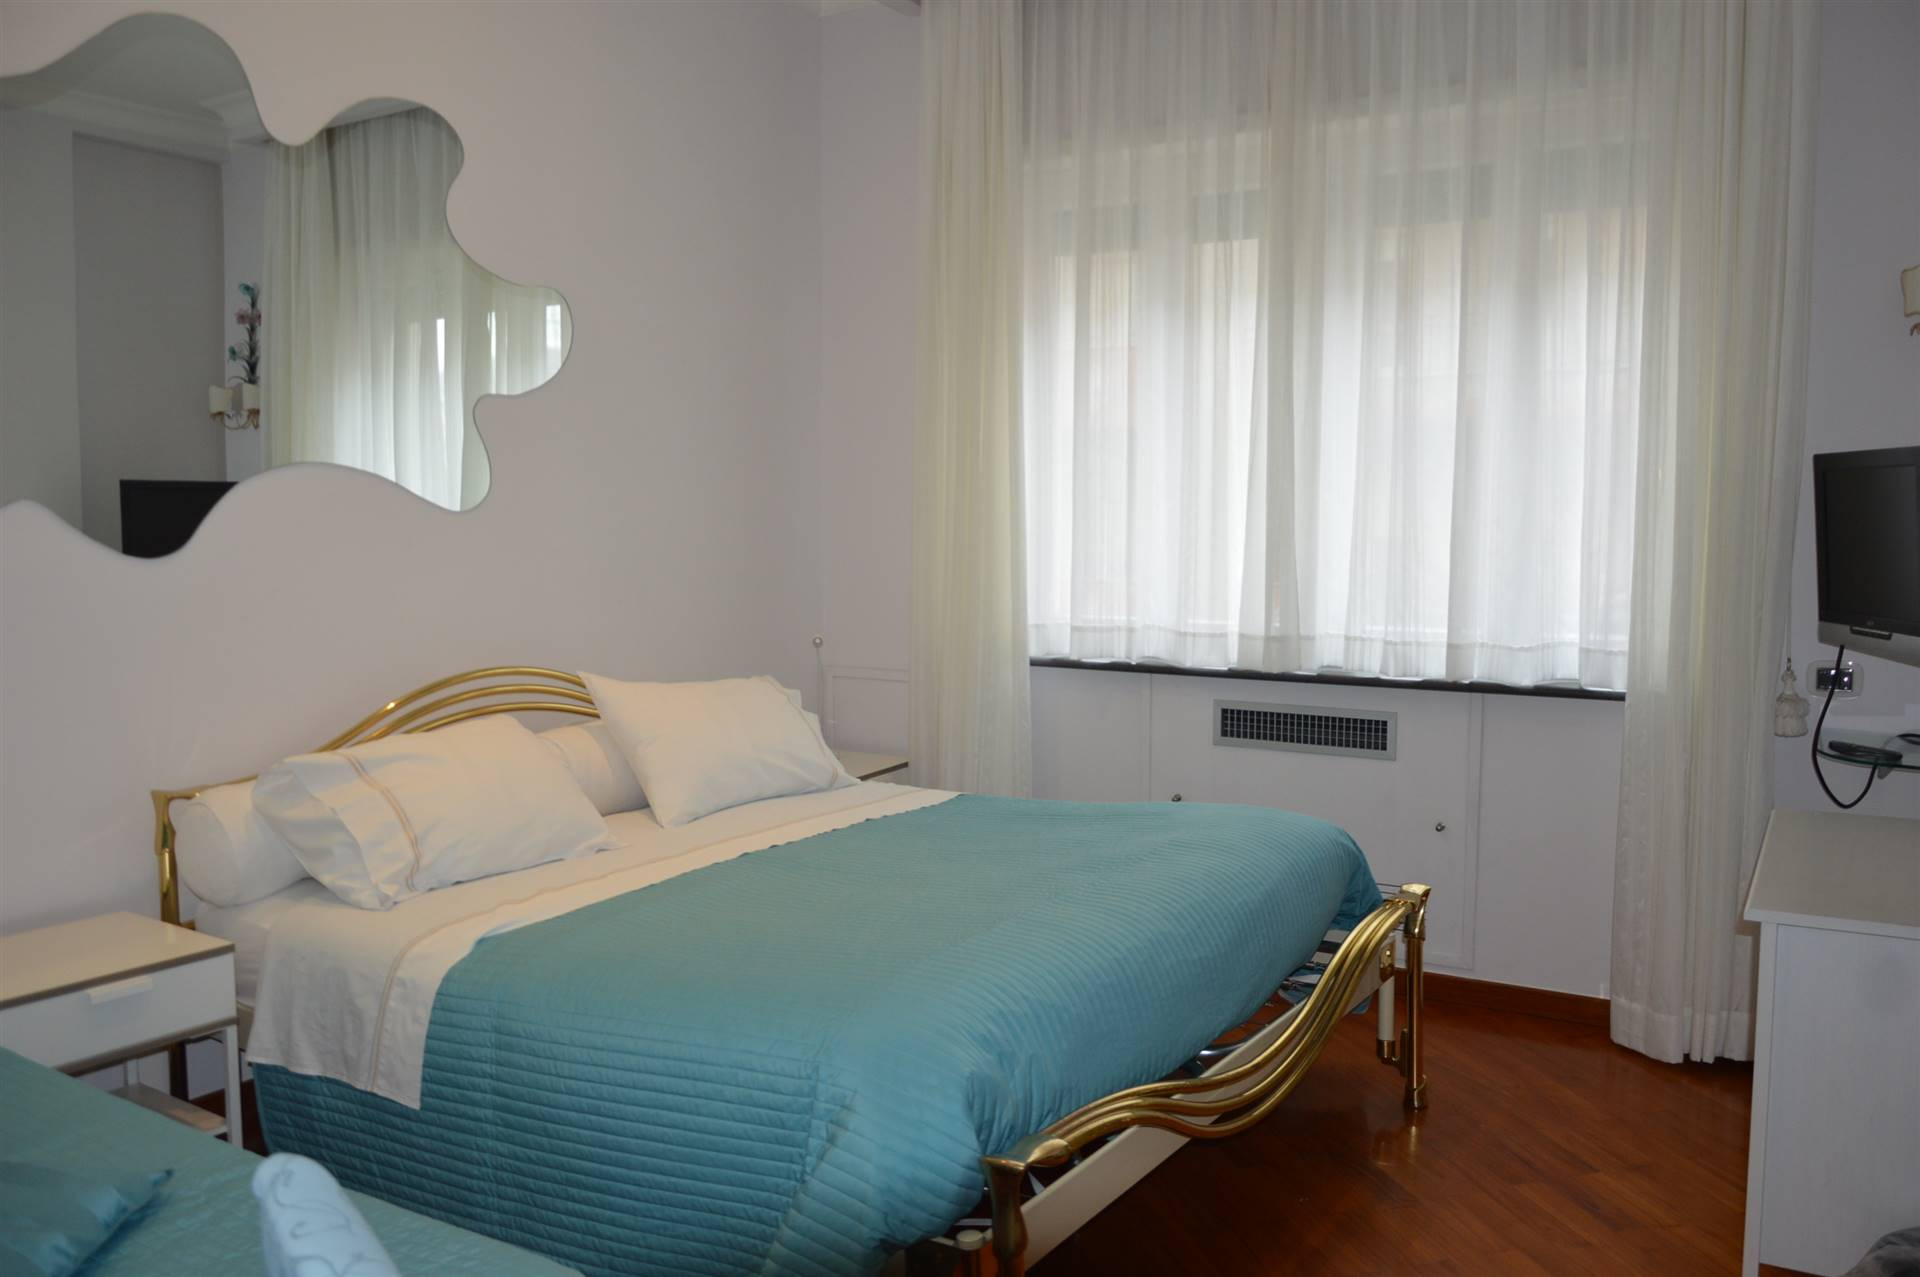 Appartamento in affitto a Salerno, 1 locali, zona Zona: Torrione, prezzo € 600   CambioCasa.it